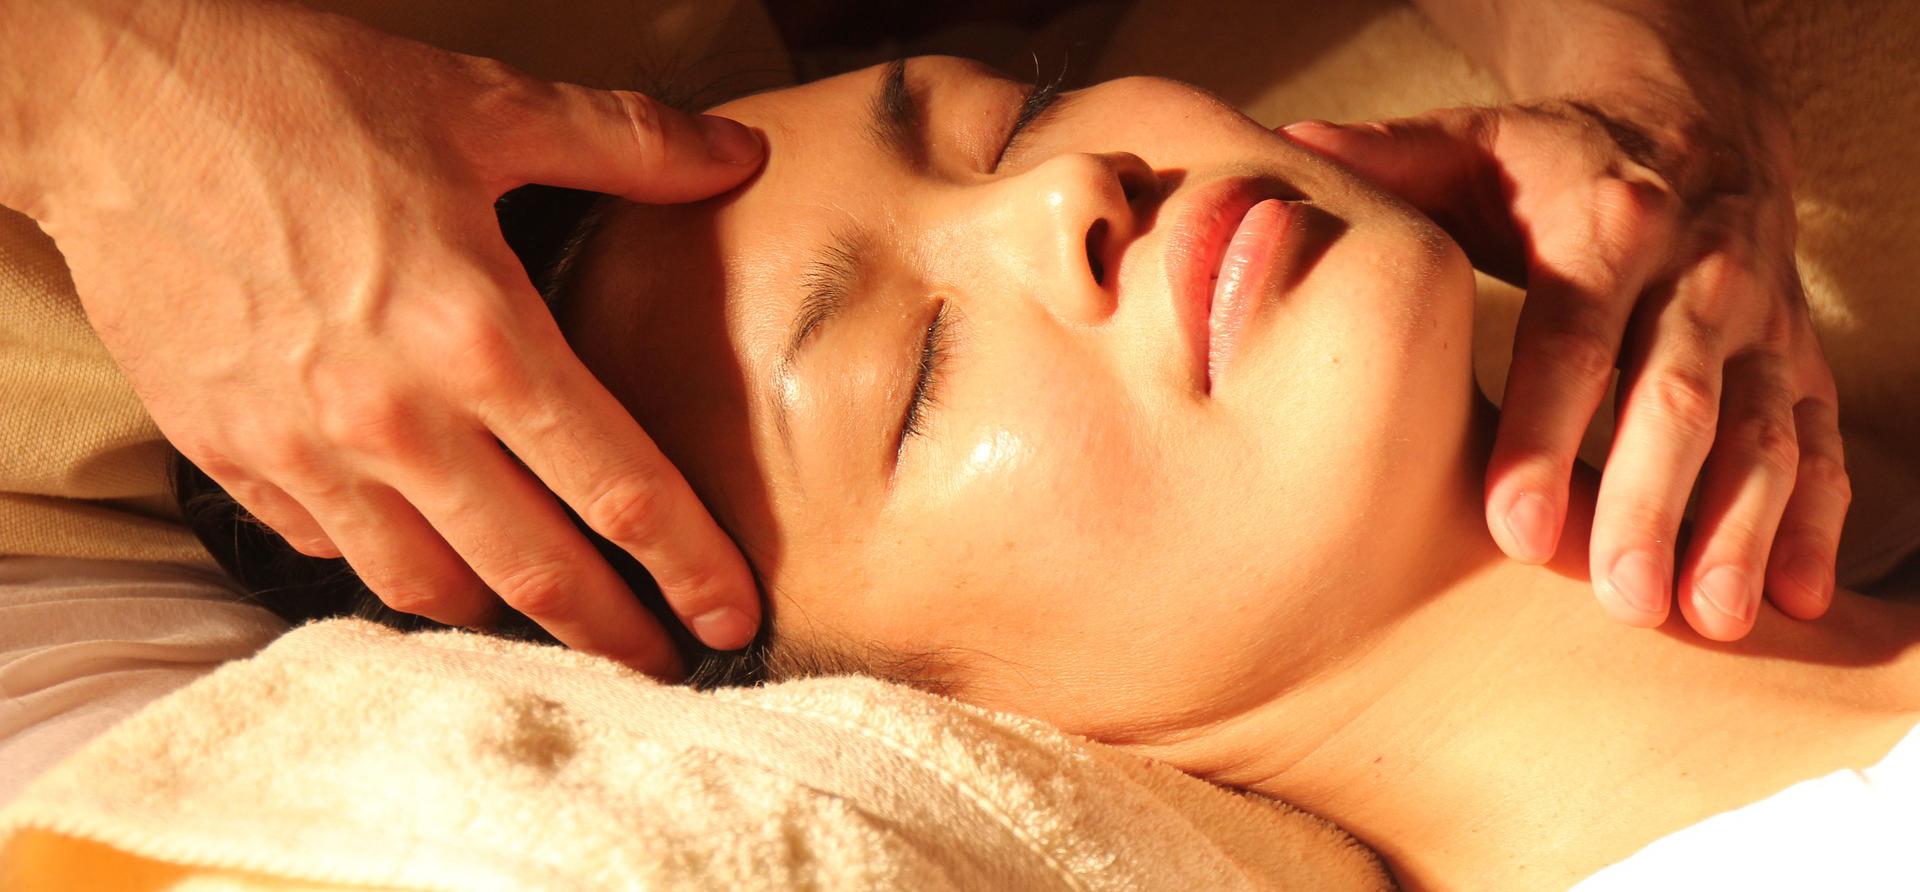 Massaggi. Centro estetico Estetica Francesca a Bioggio - Lugano (Svizzera)